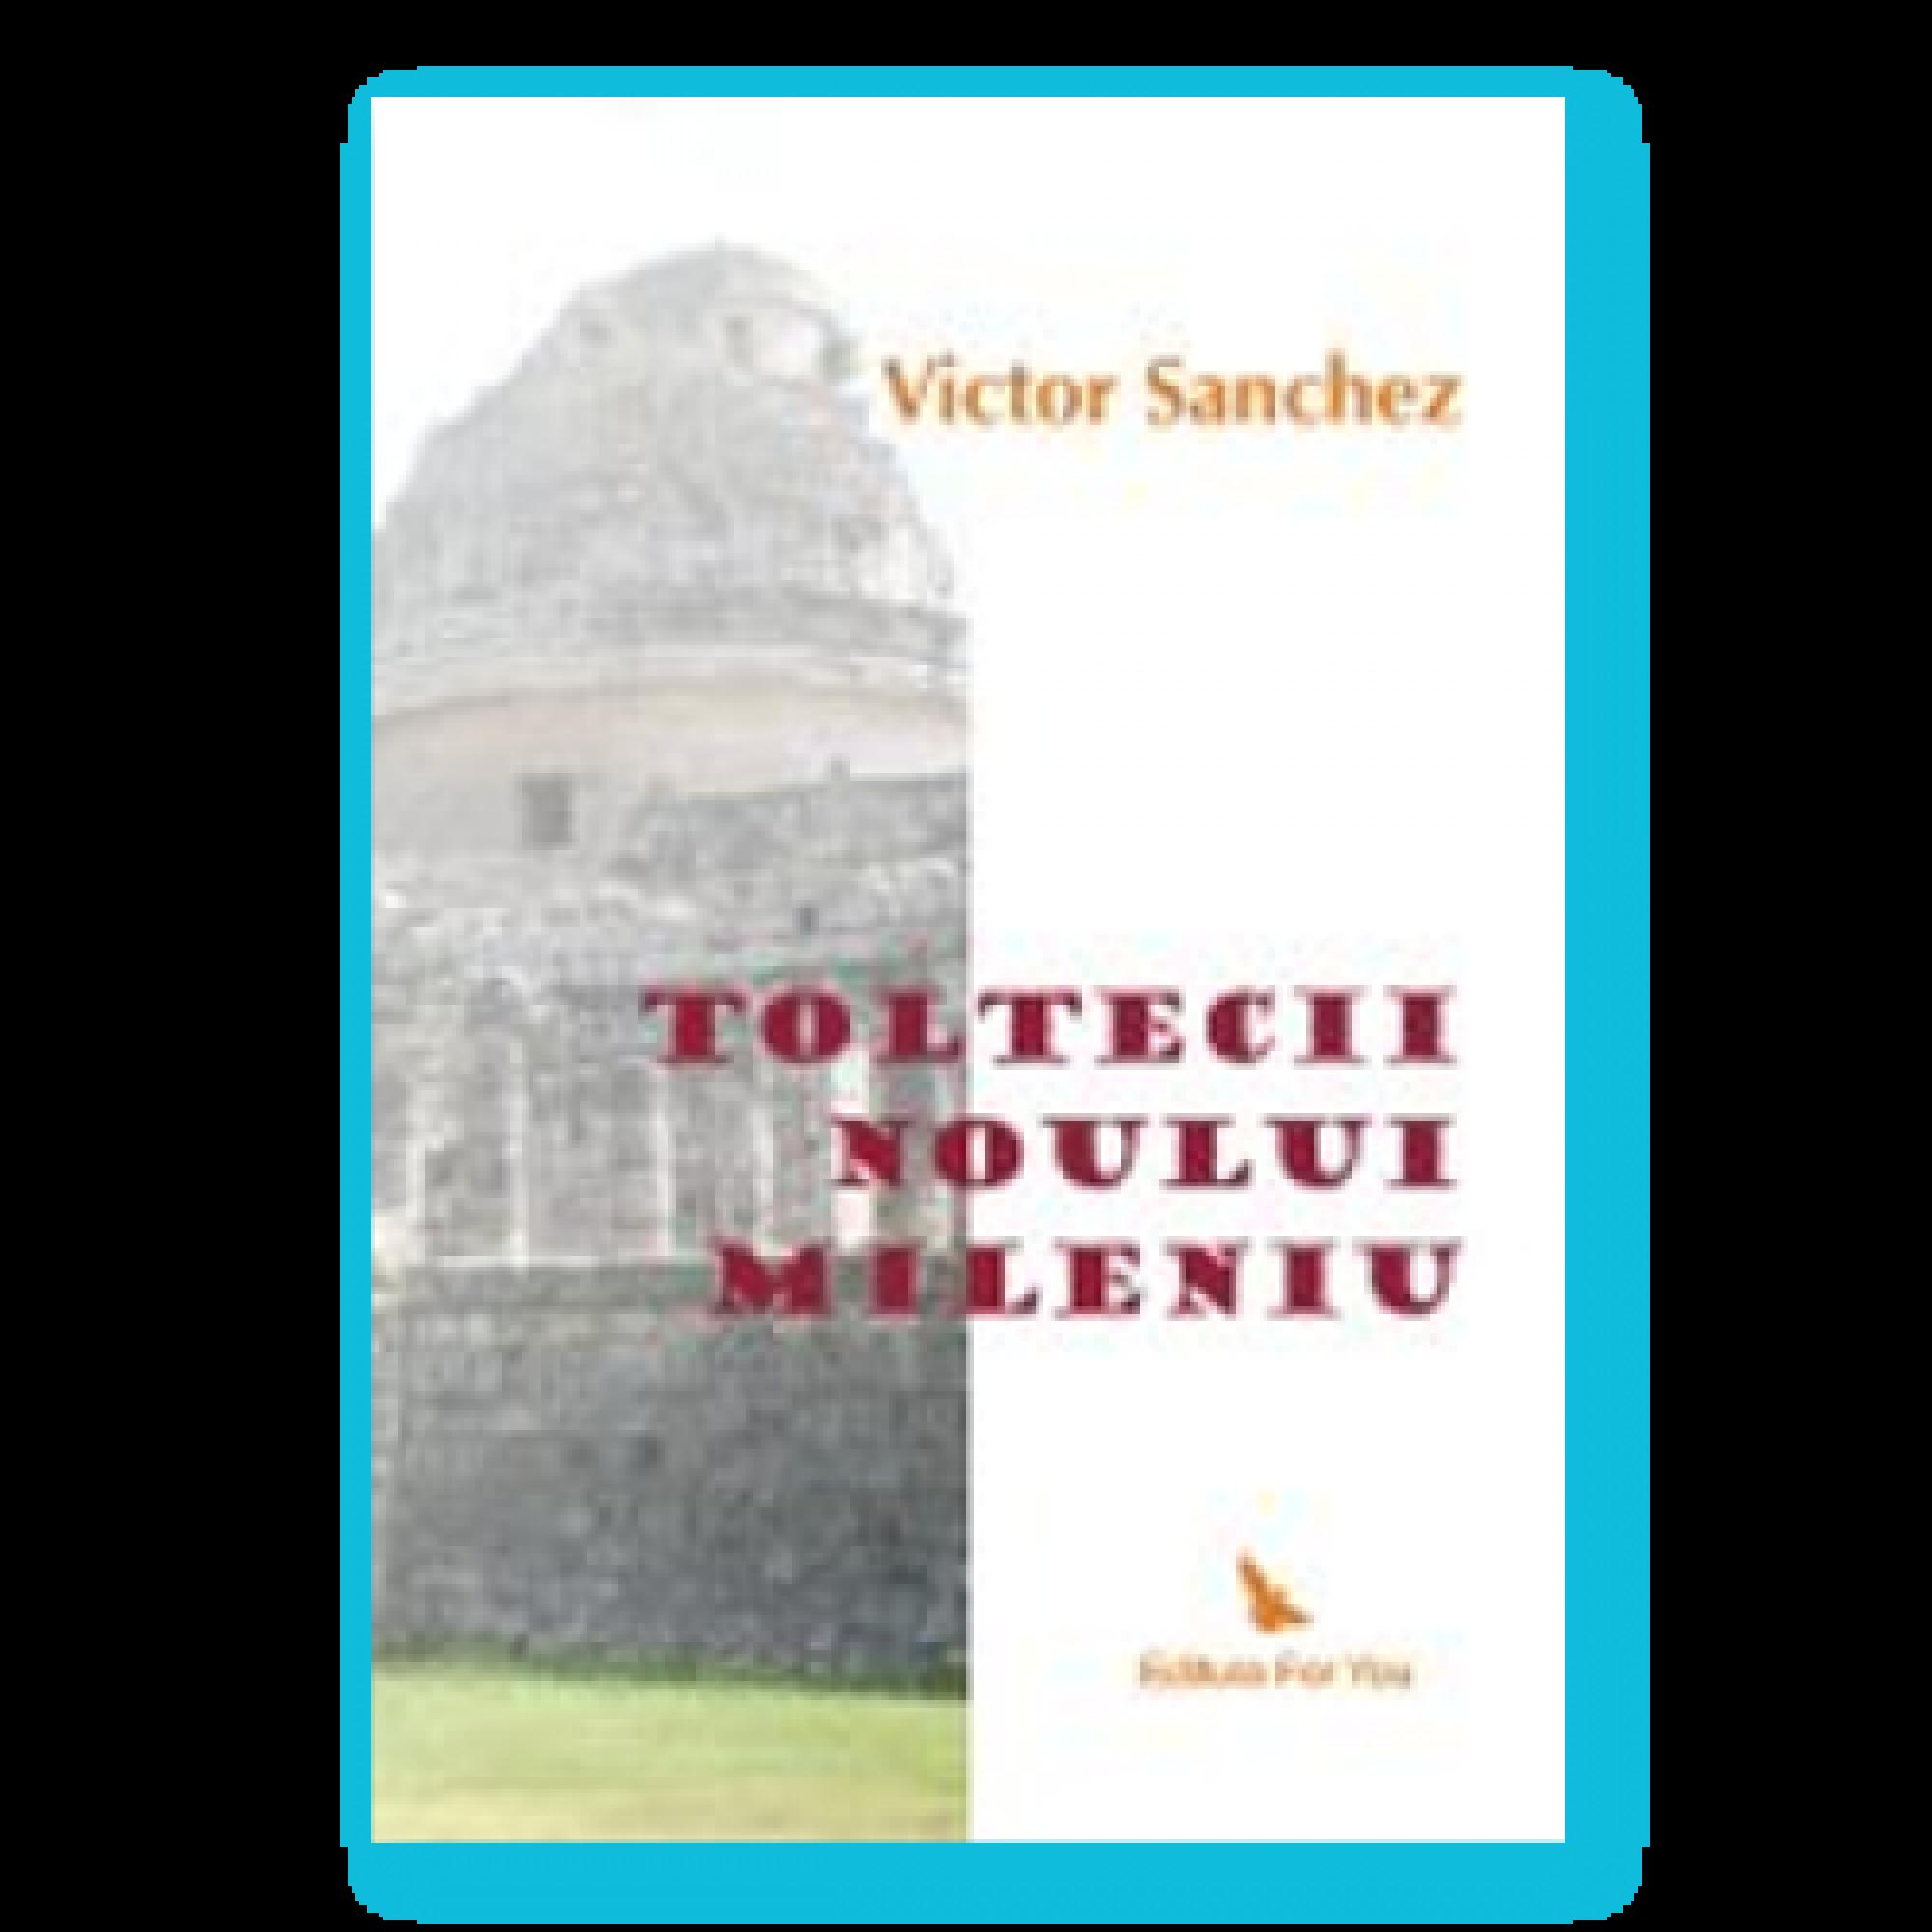 Toltecii noului mileniu; Víctor Sánchez